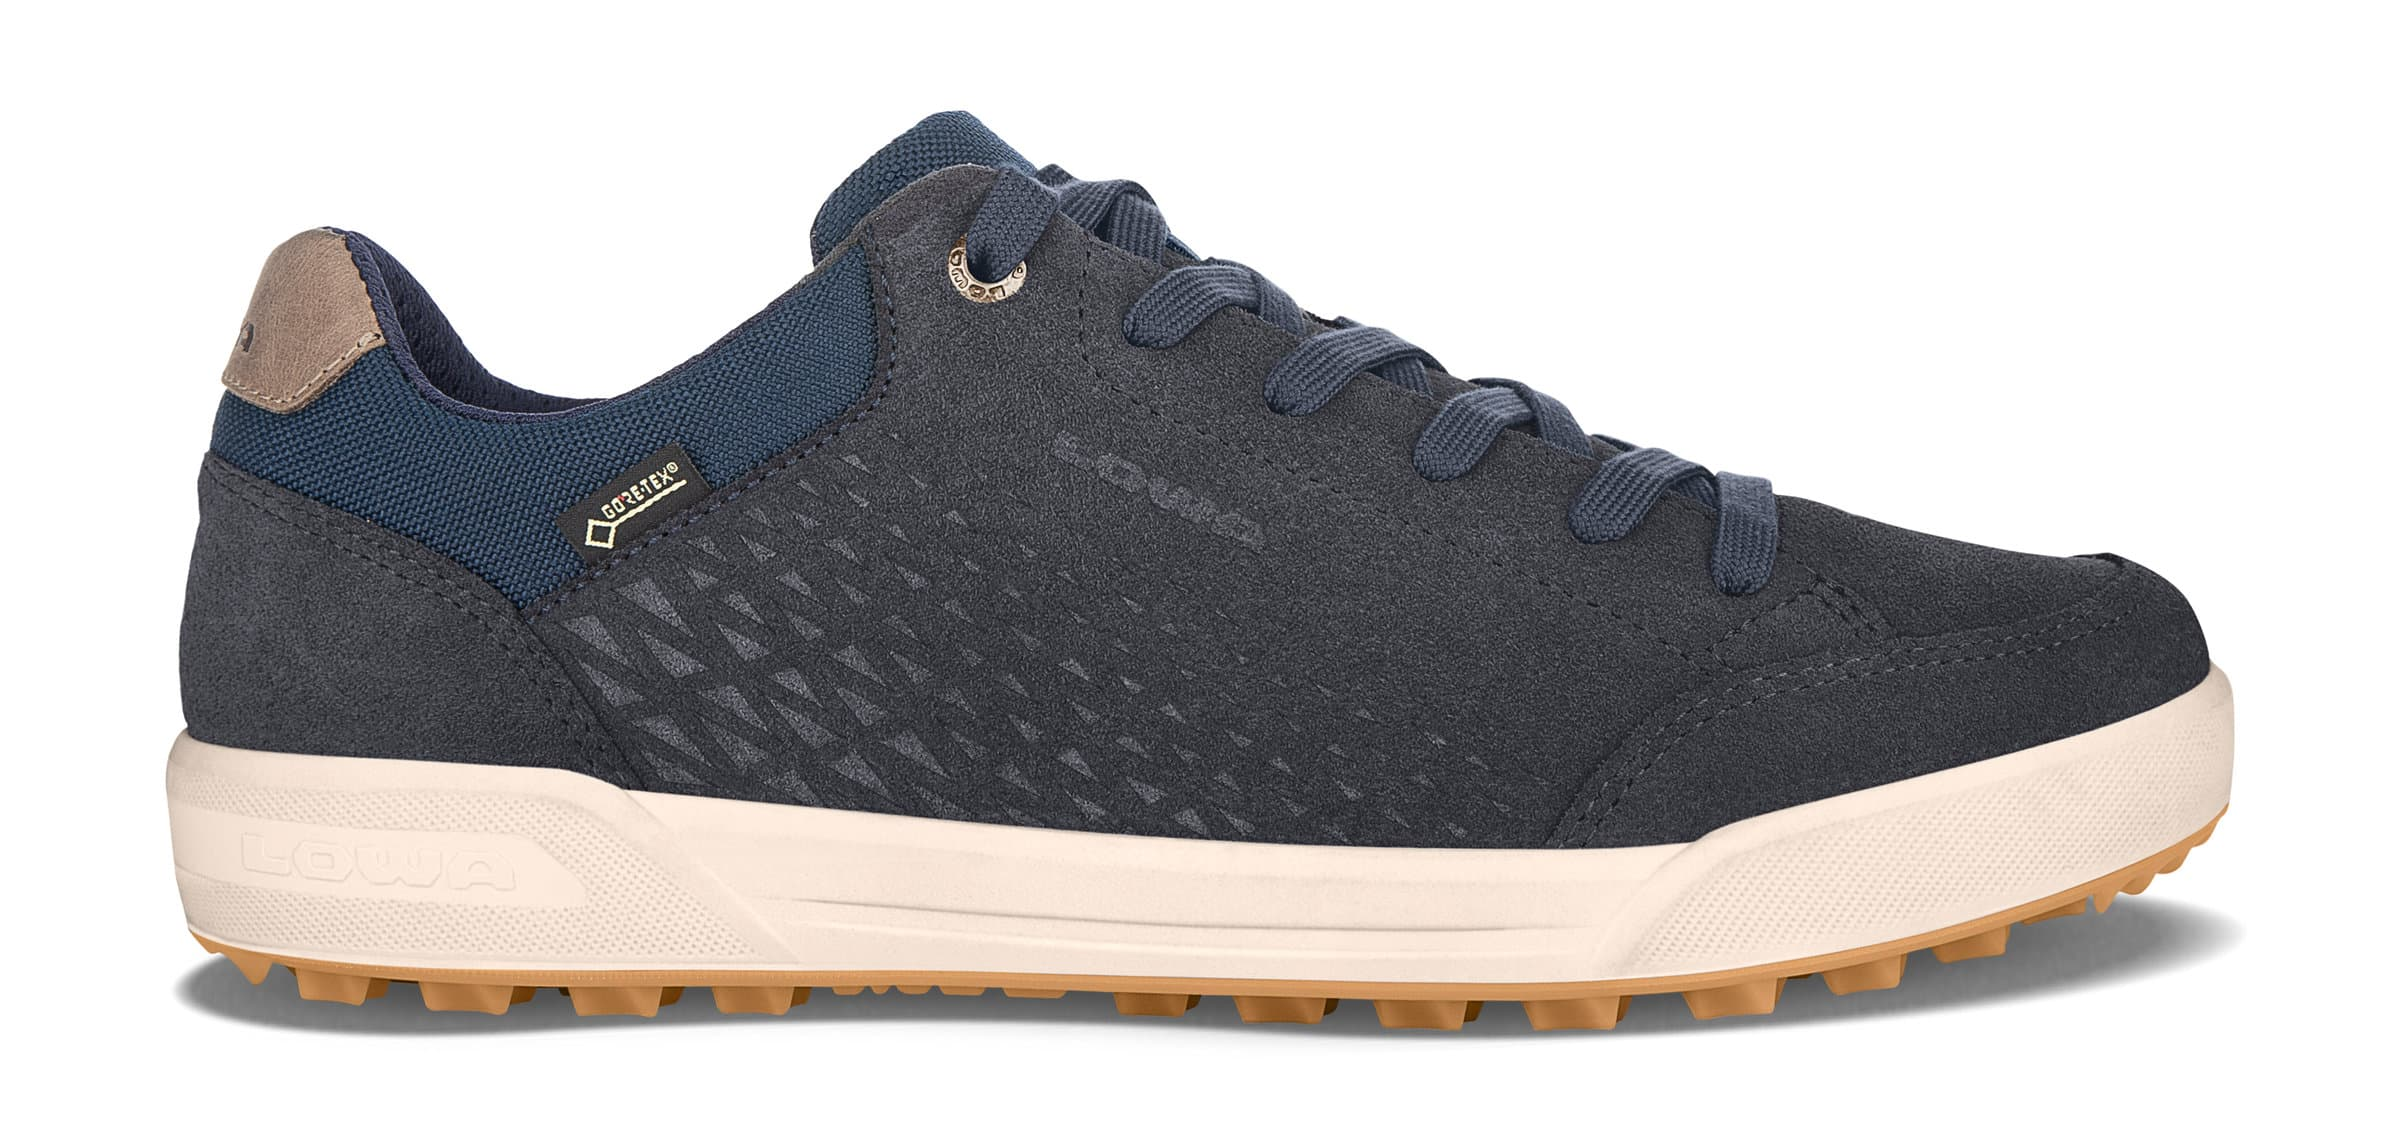 Lowa Lisboa GTX Lo Chaussures de voyage pour homme